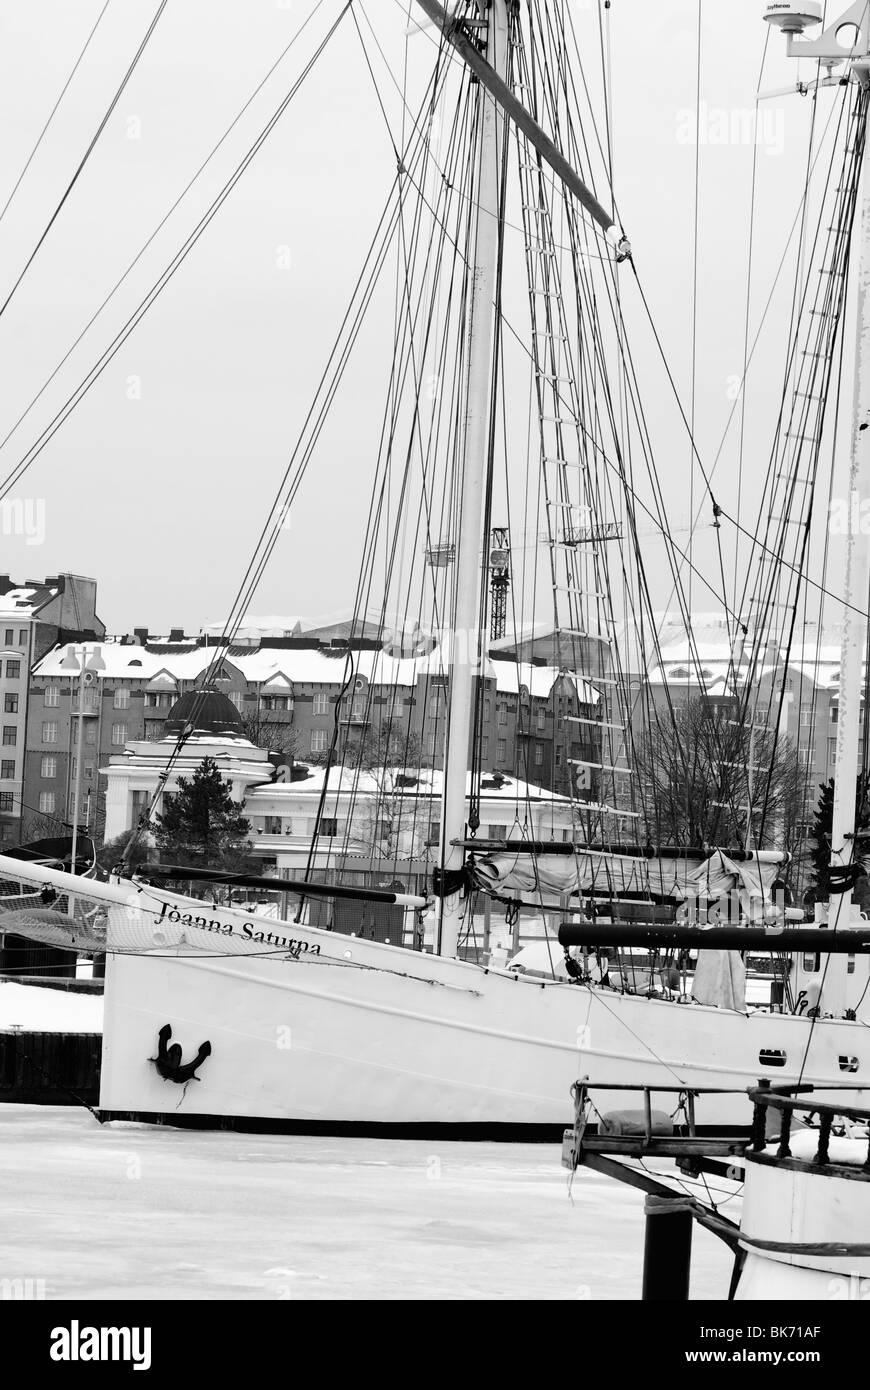 Gaff schooner Joanna Saturna on winter moorings in Helsinki, Finland - Stock Image